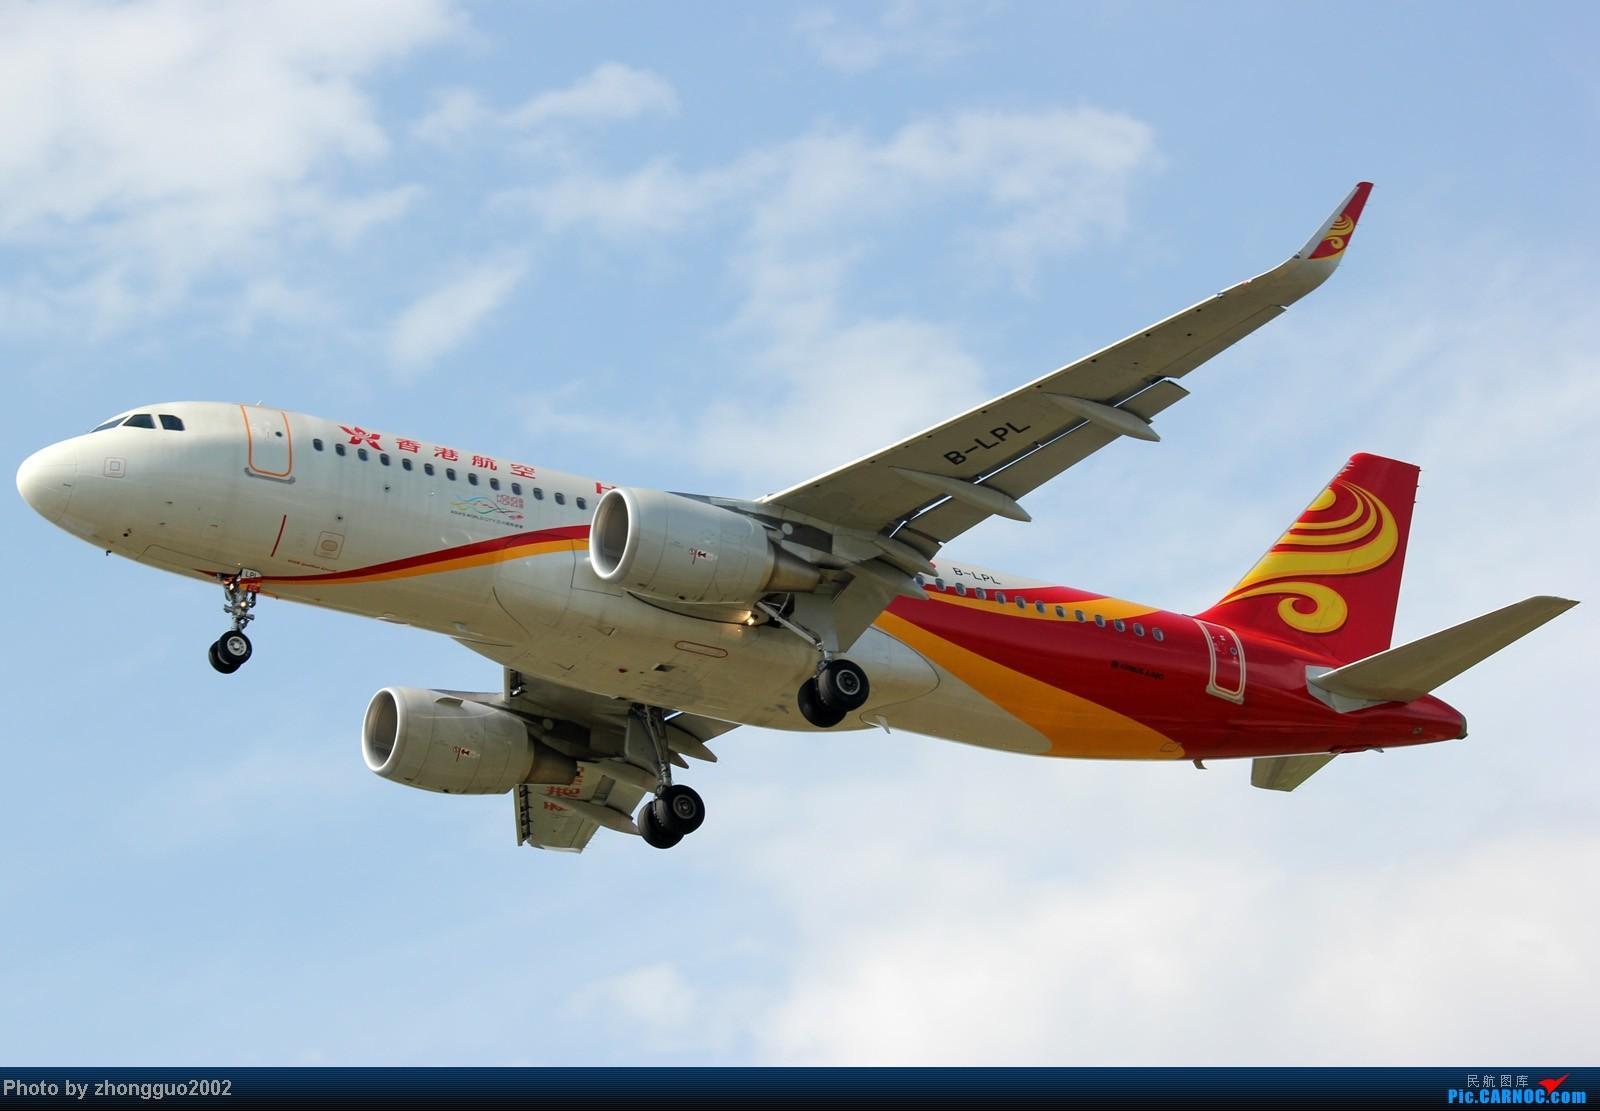 Re:[原创]东航的新邮戳321,世博彩绘机,南航、瑞丽、河北、深圳航空的新飞机,香港航空、长荣航空、远东、韩国济州航空的飞机,国航772,大大小小一堆飞机!!!! AIRBUS A320-200 B-LPL 中国呼和浩特白塔机场